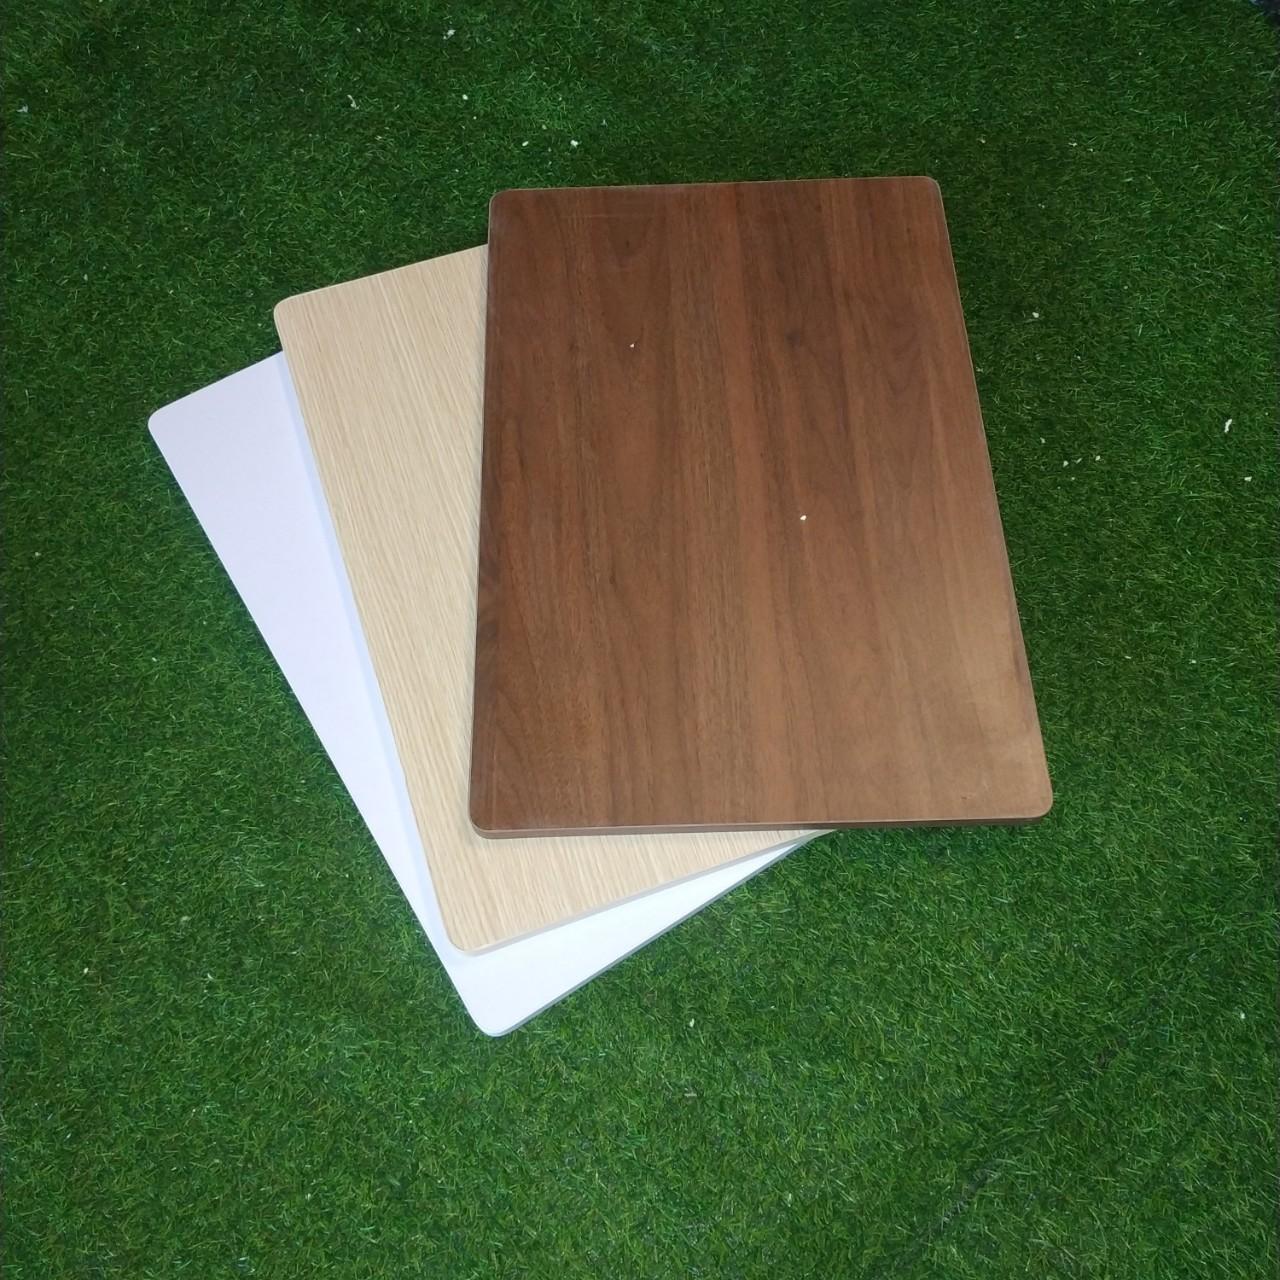 Mặt bàn 40x60 gỗ MDF chất lượng